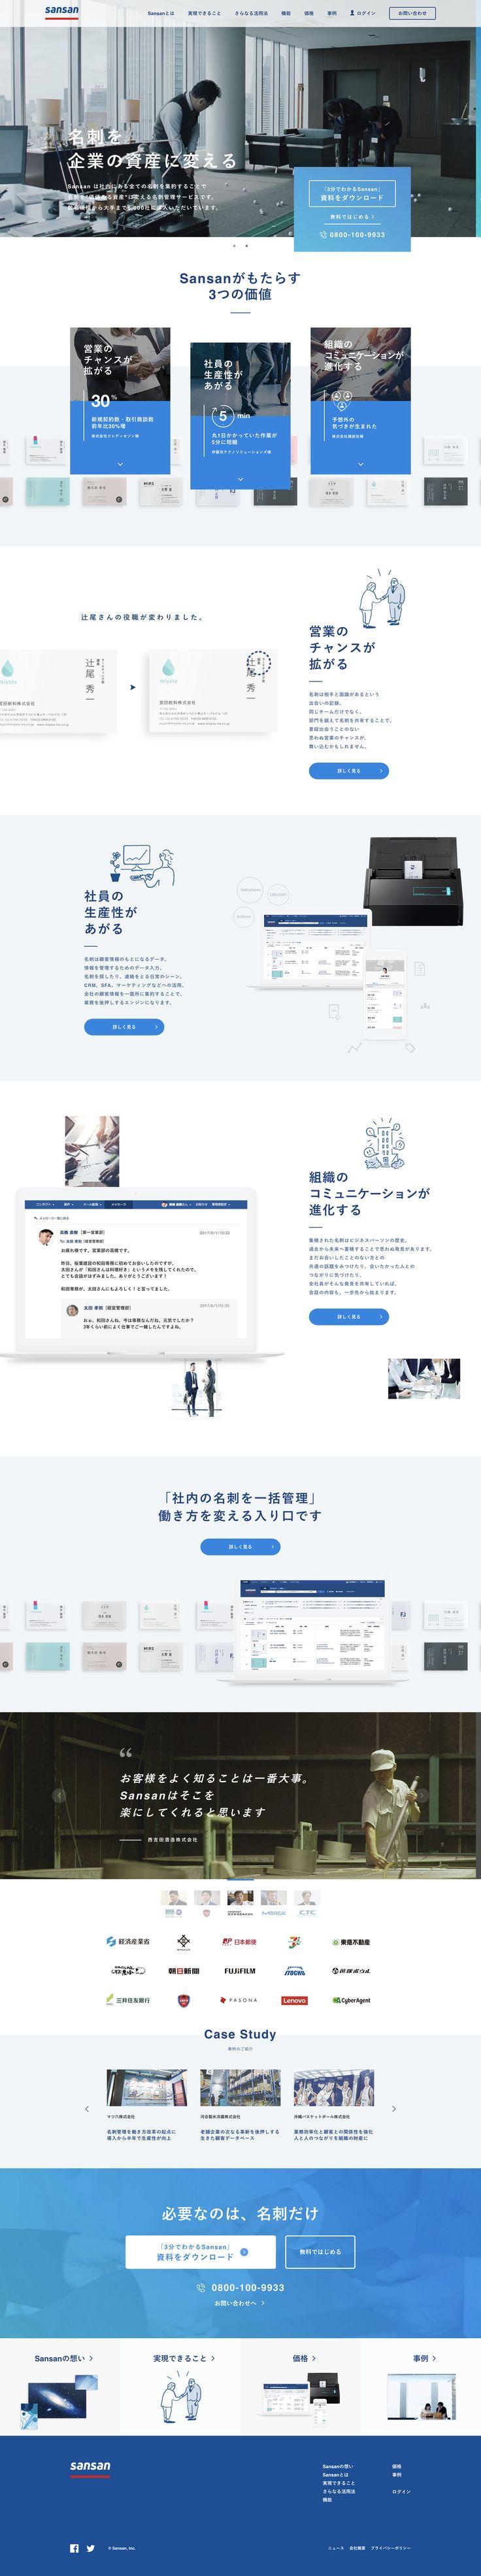 Sansan - 法人向けクラウド名刺管理サービス